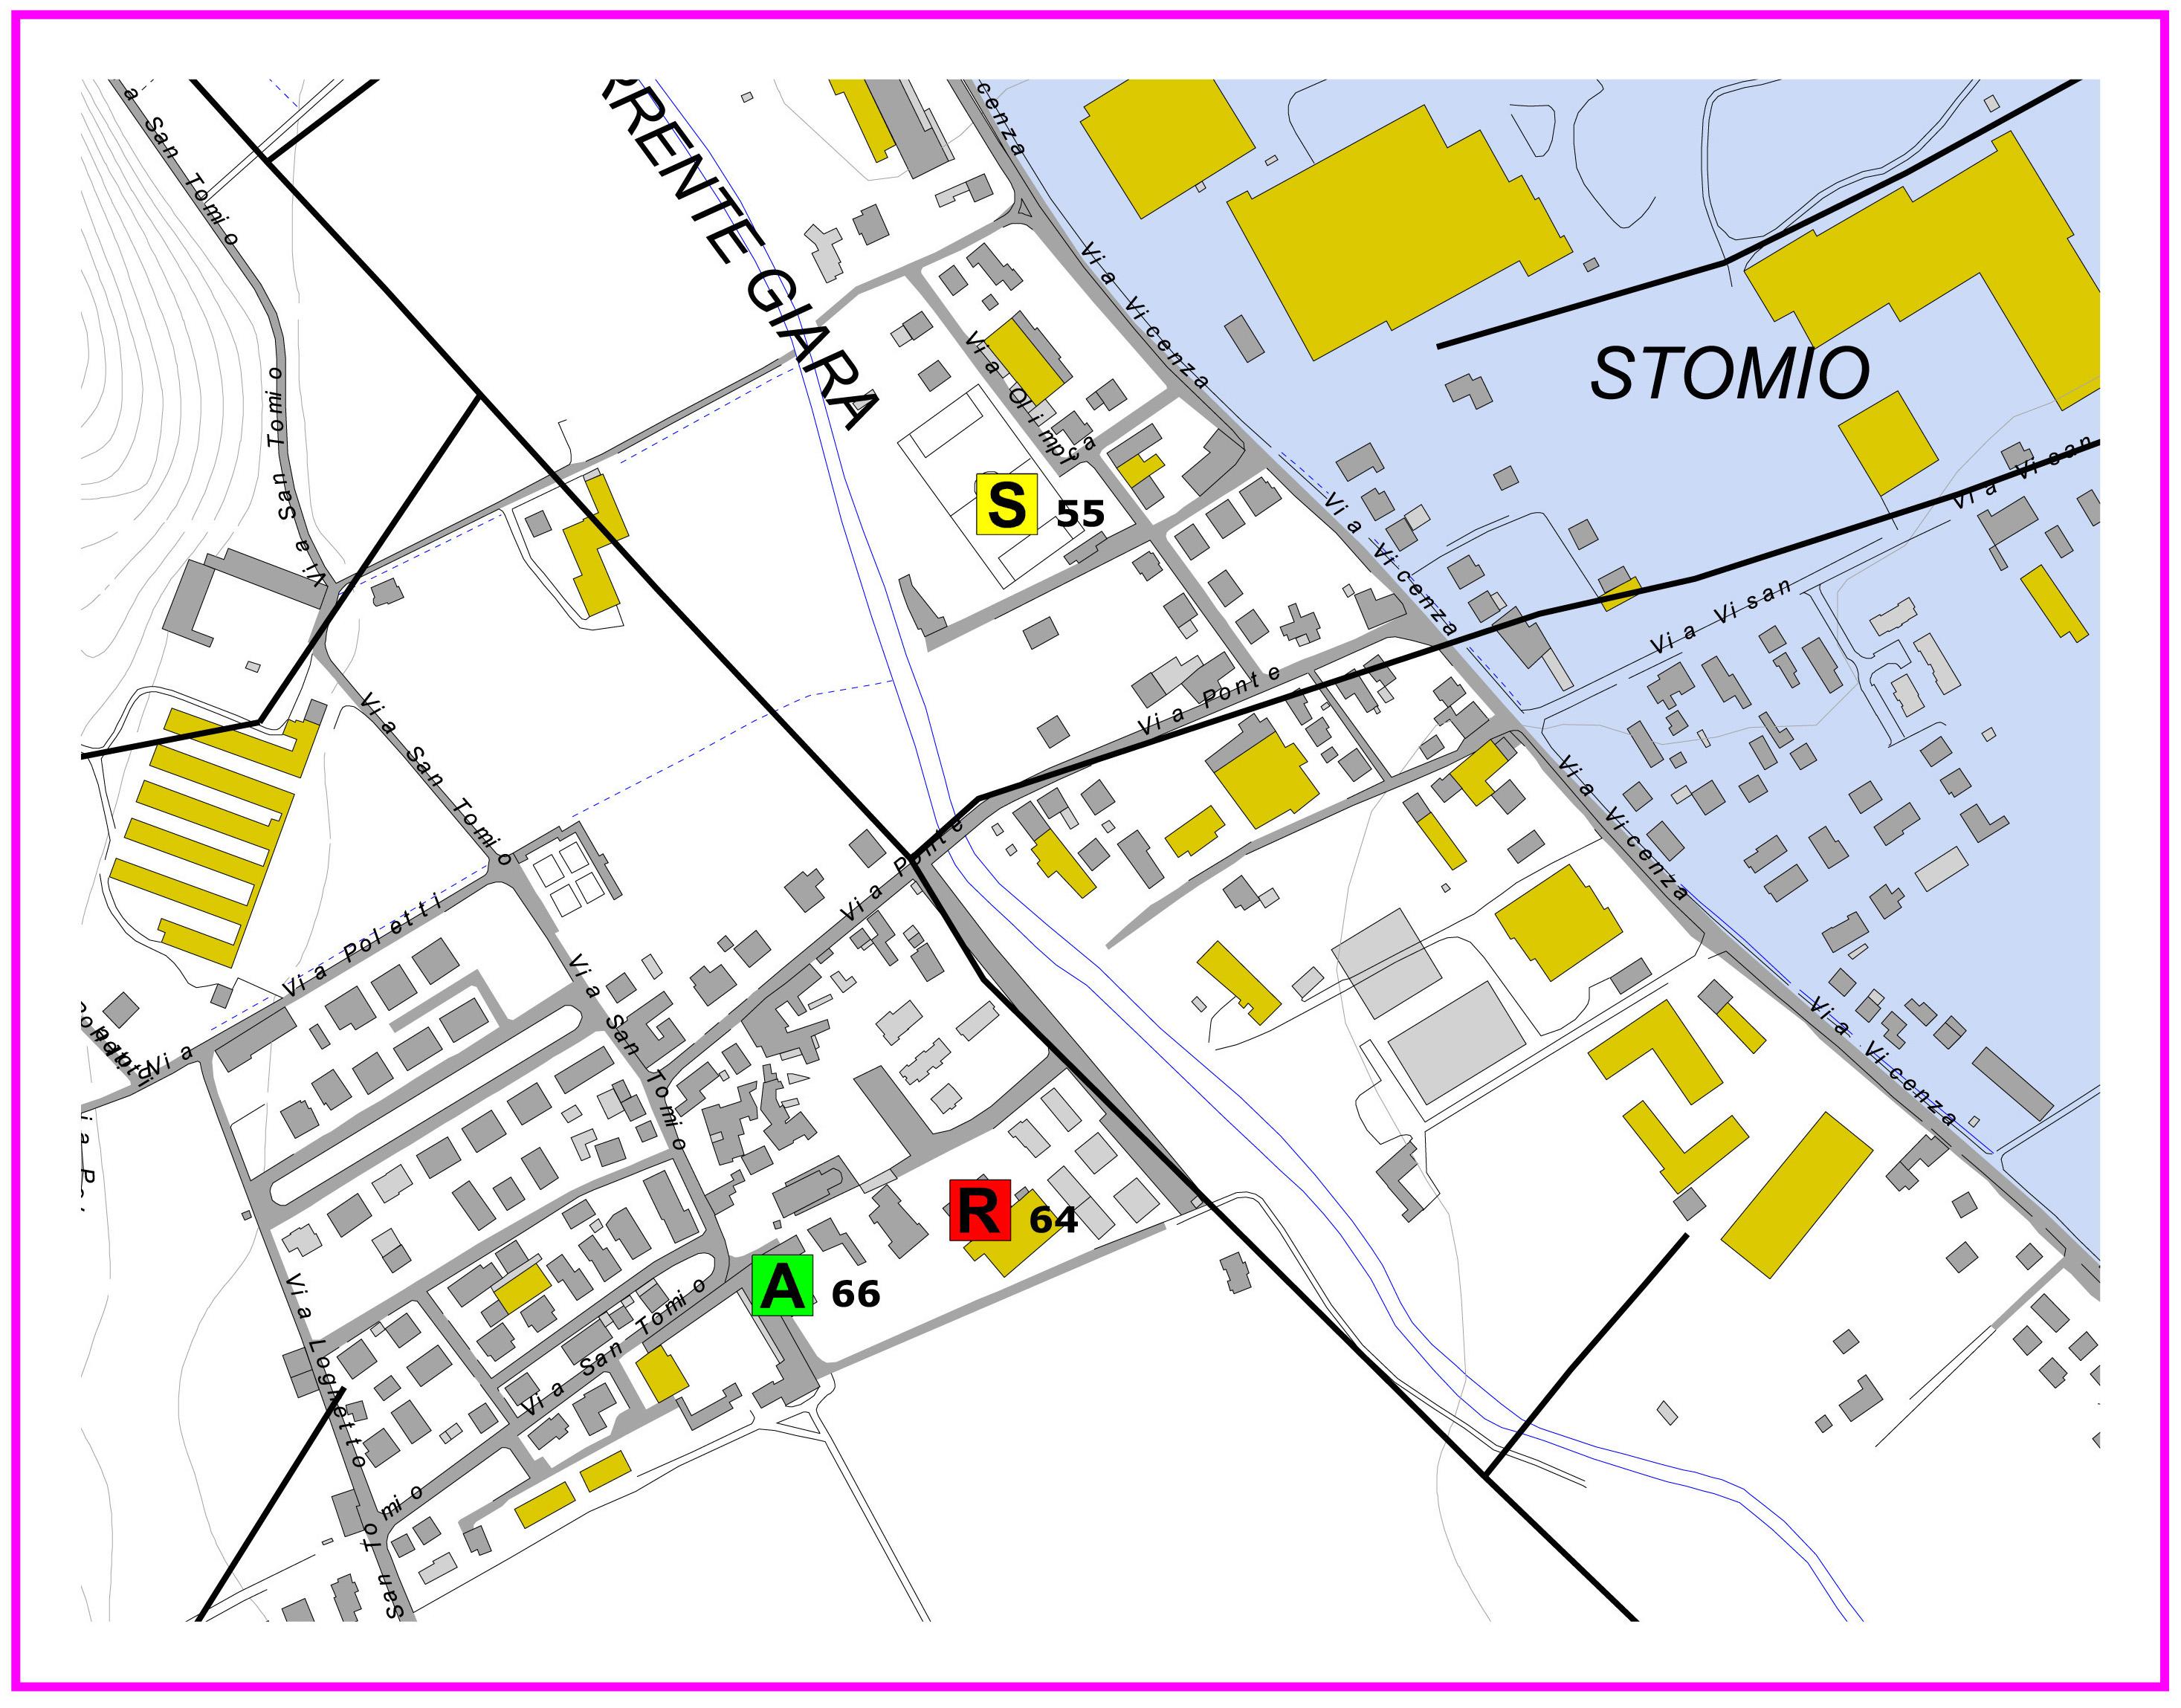 cartina santomio